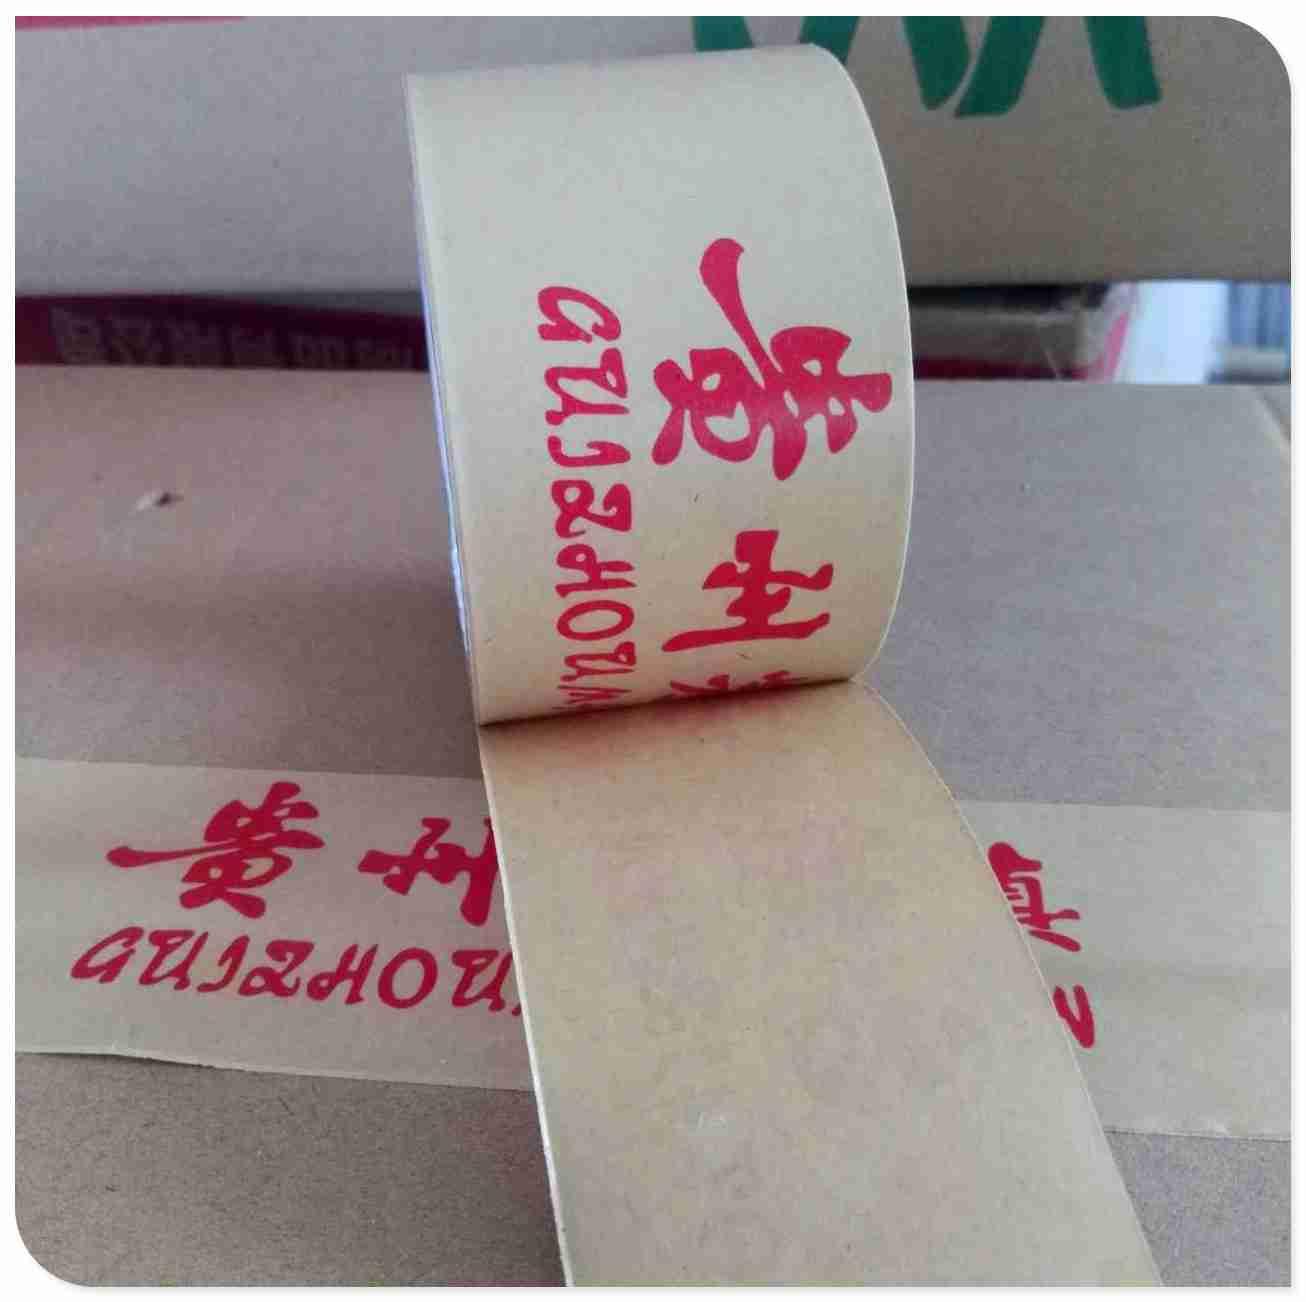 印刷牛皮纸包装胶带 酒厂商标印字广告牛皮纸防水胶带 厂家直销